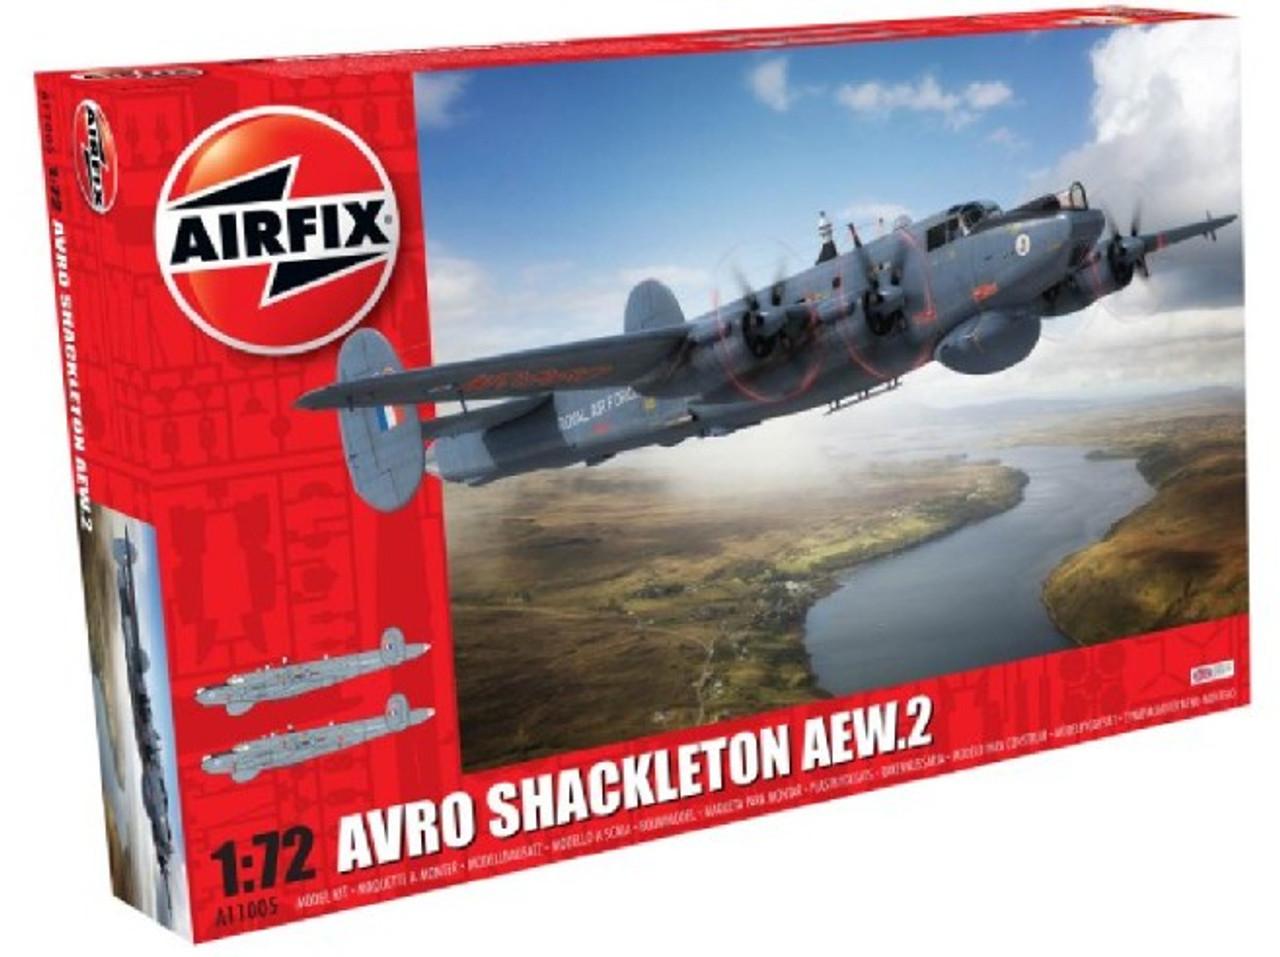 ARX-11005  1/72 Avro Shackleton AEW2 Aircraft